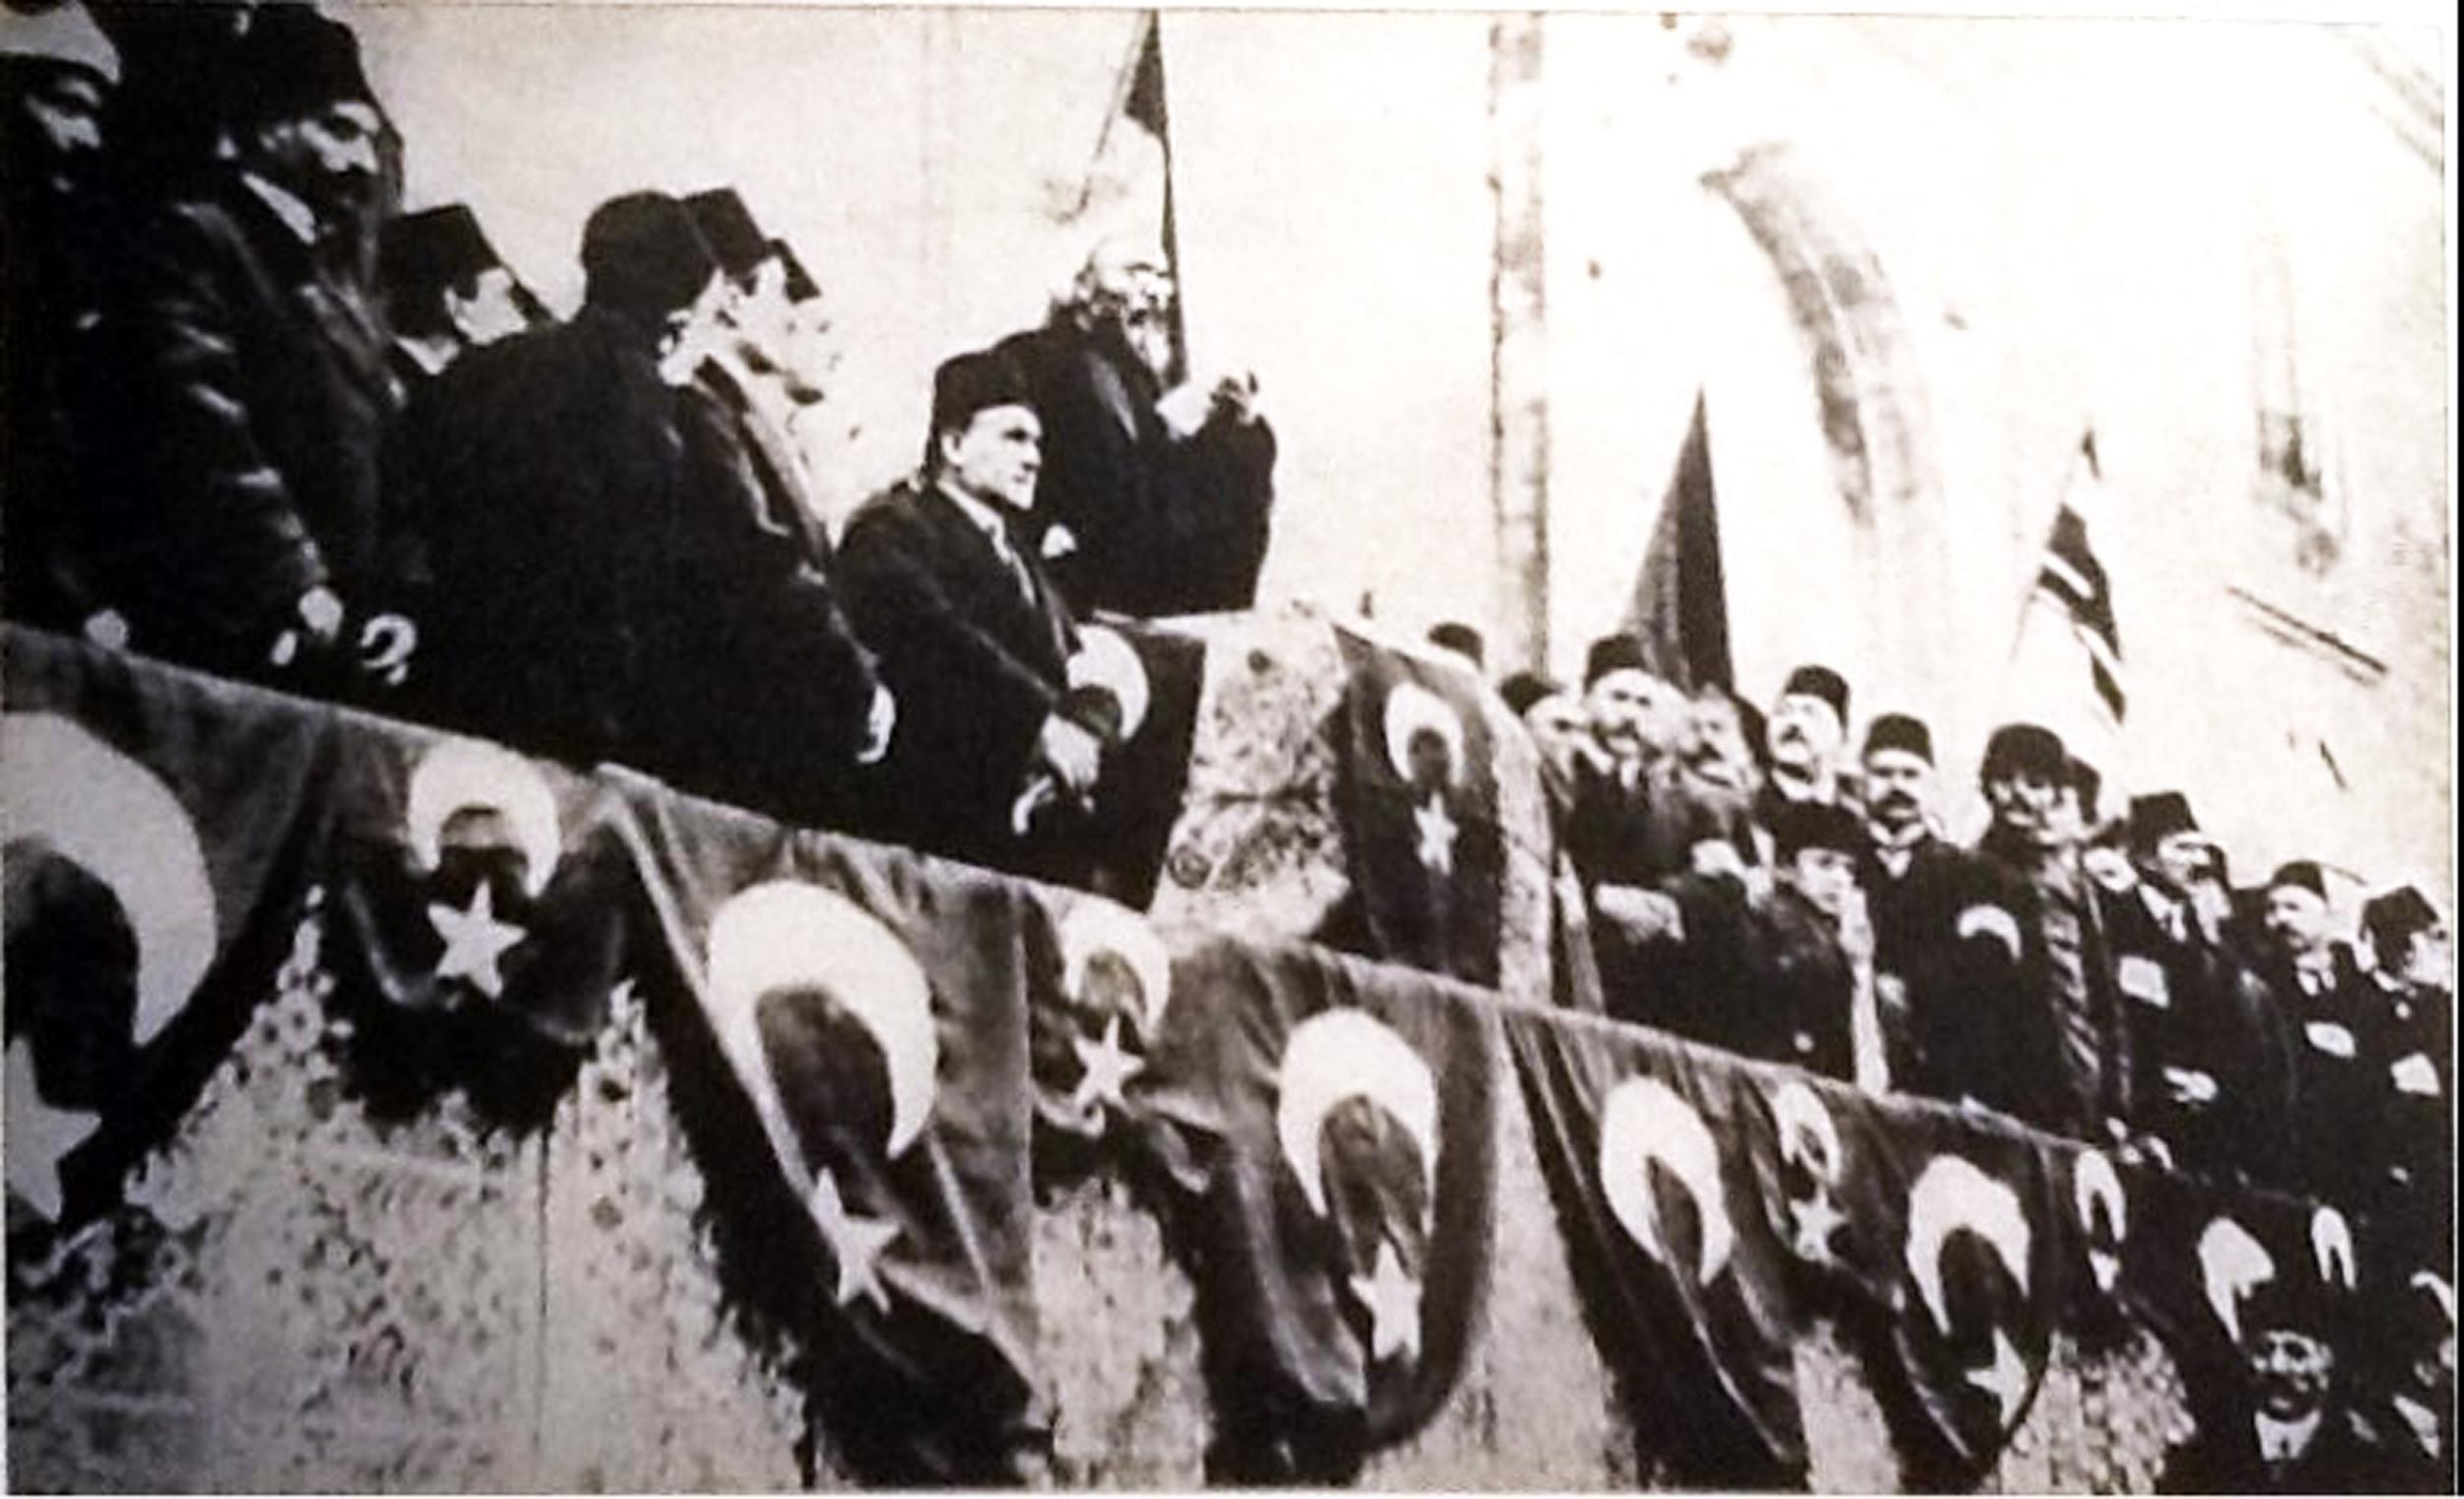 İttihat terakkinin katılımıyla şeyhülislamın cihad çağrısı 1914.jpg